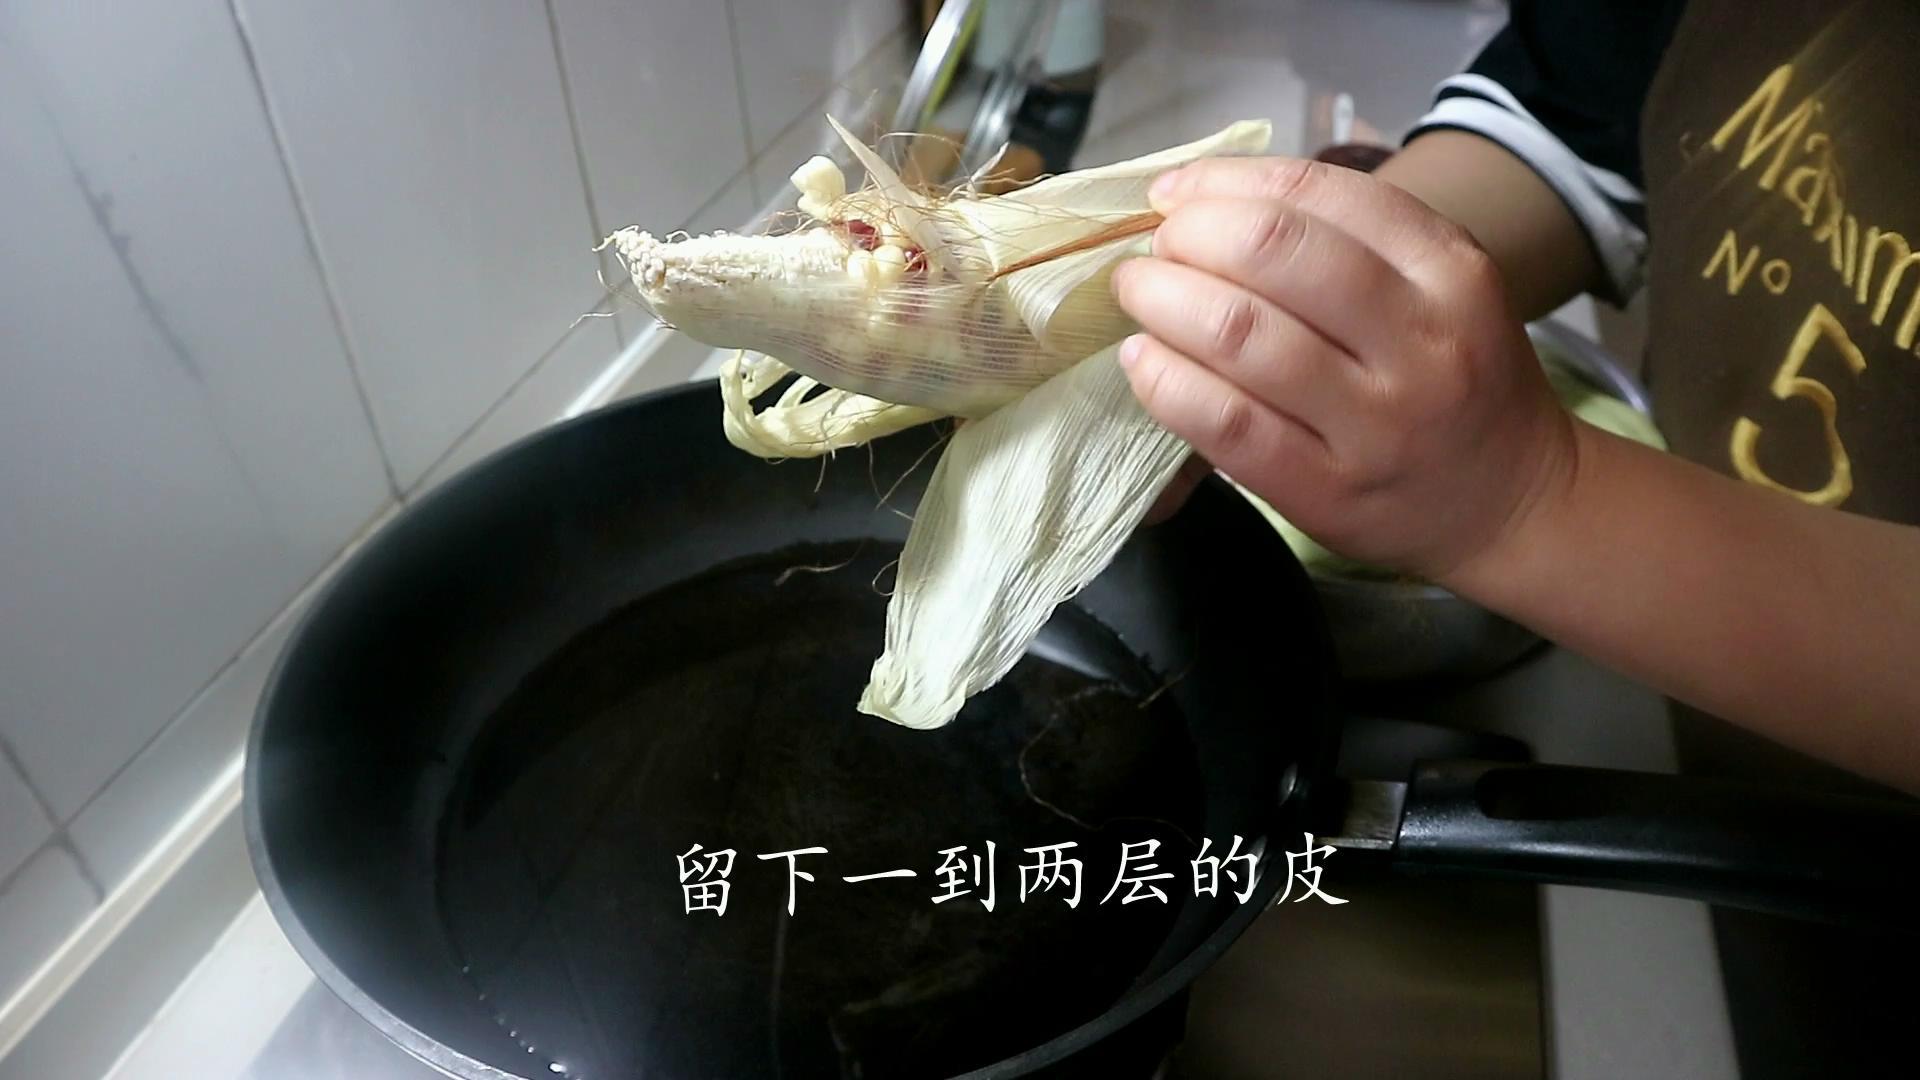 百分之九十的人只会把玉米煮熟,只有百分之十的人会把玉米煮香甜